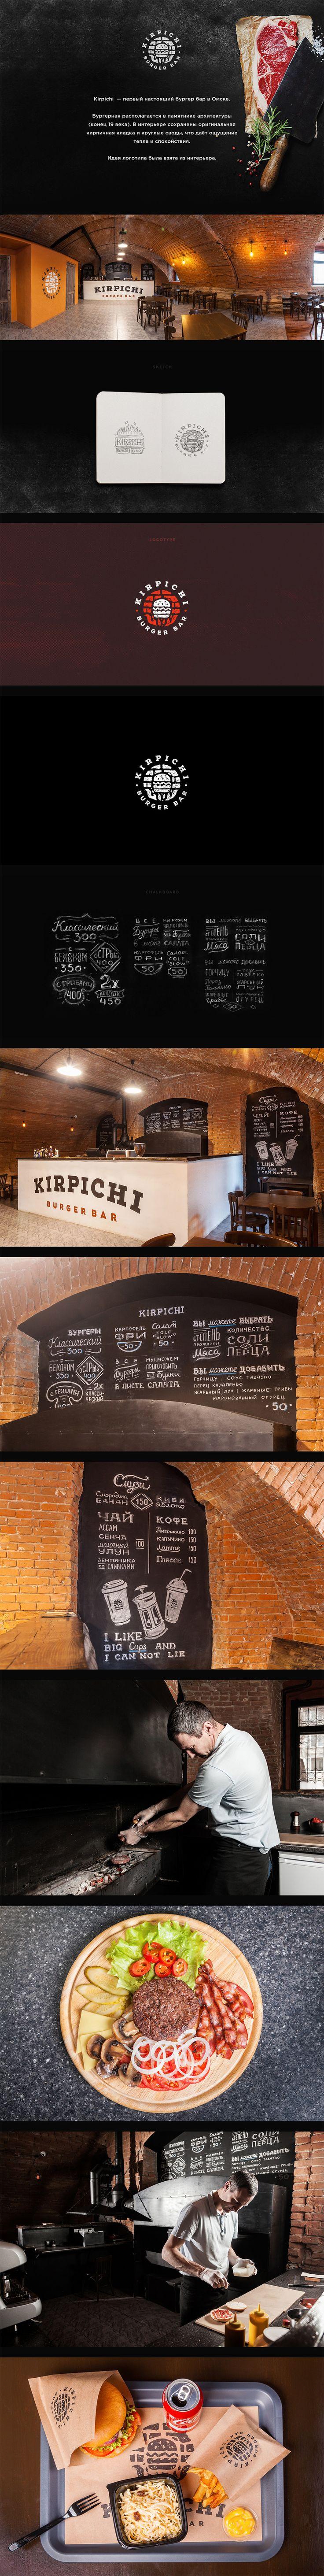 Кирпичи бургер бар, Логотип © Дмитрий Штольц